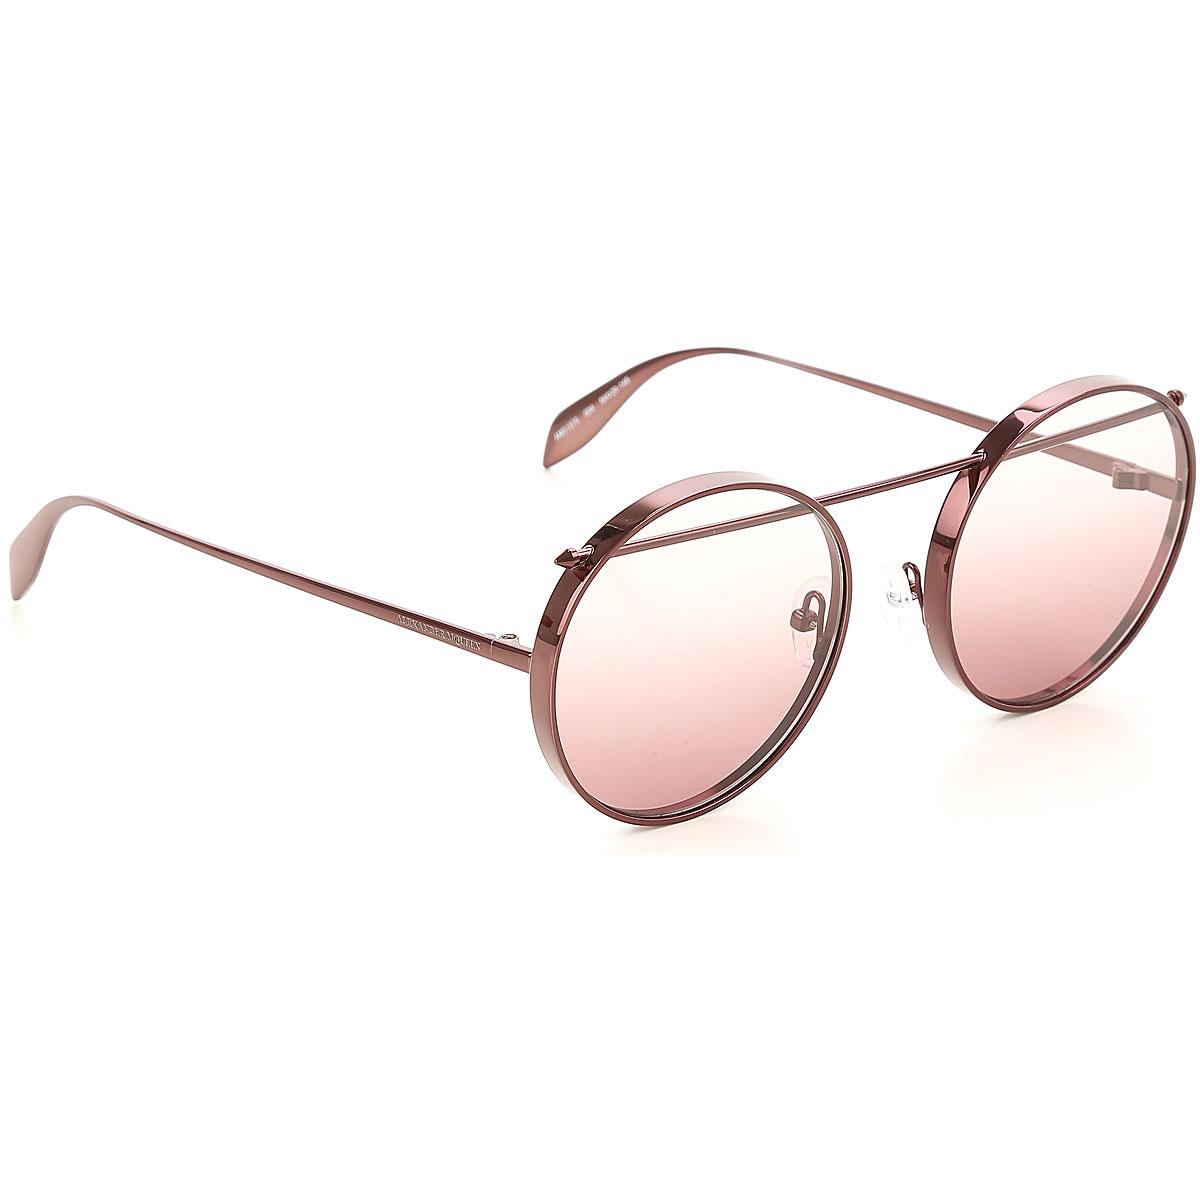 Alexander McQueen Sunglasses On Sale, Brown, 2019